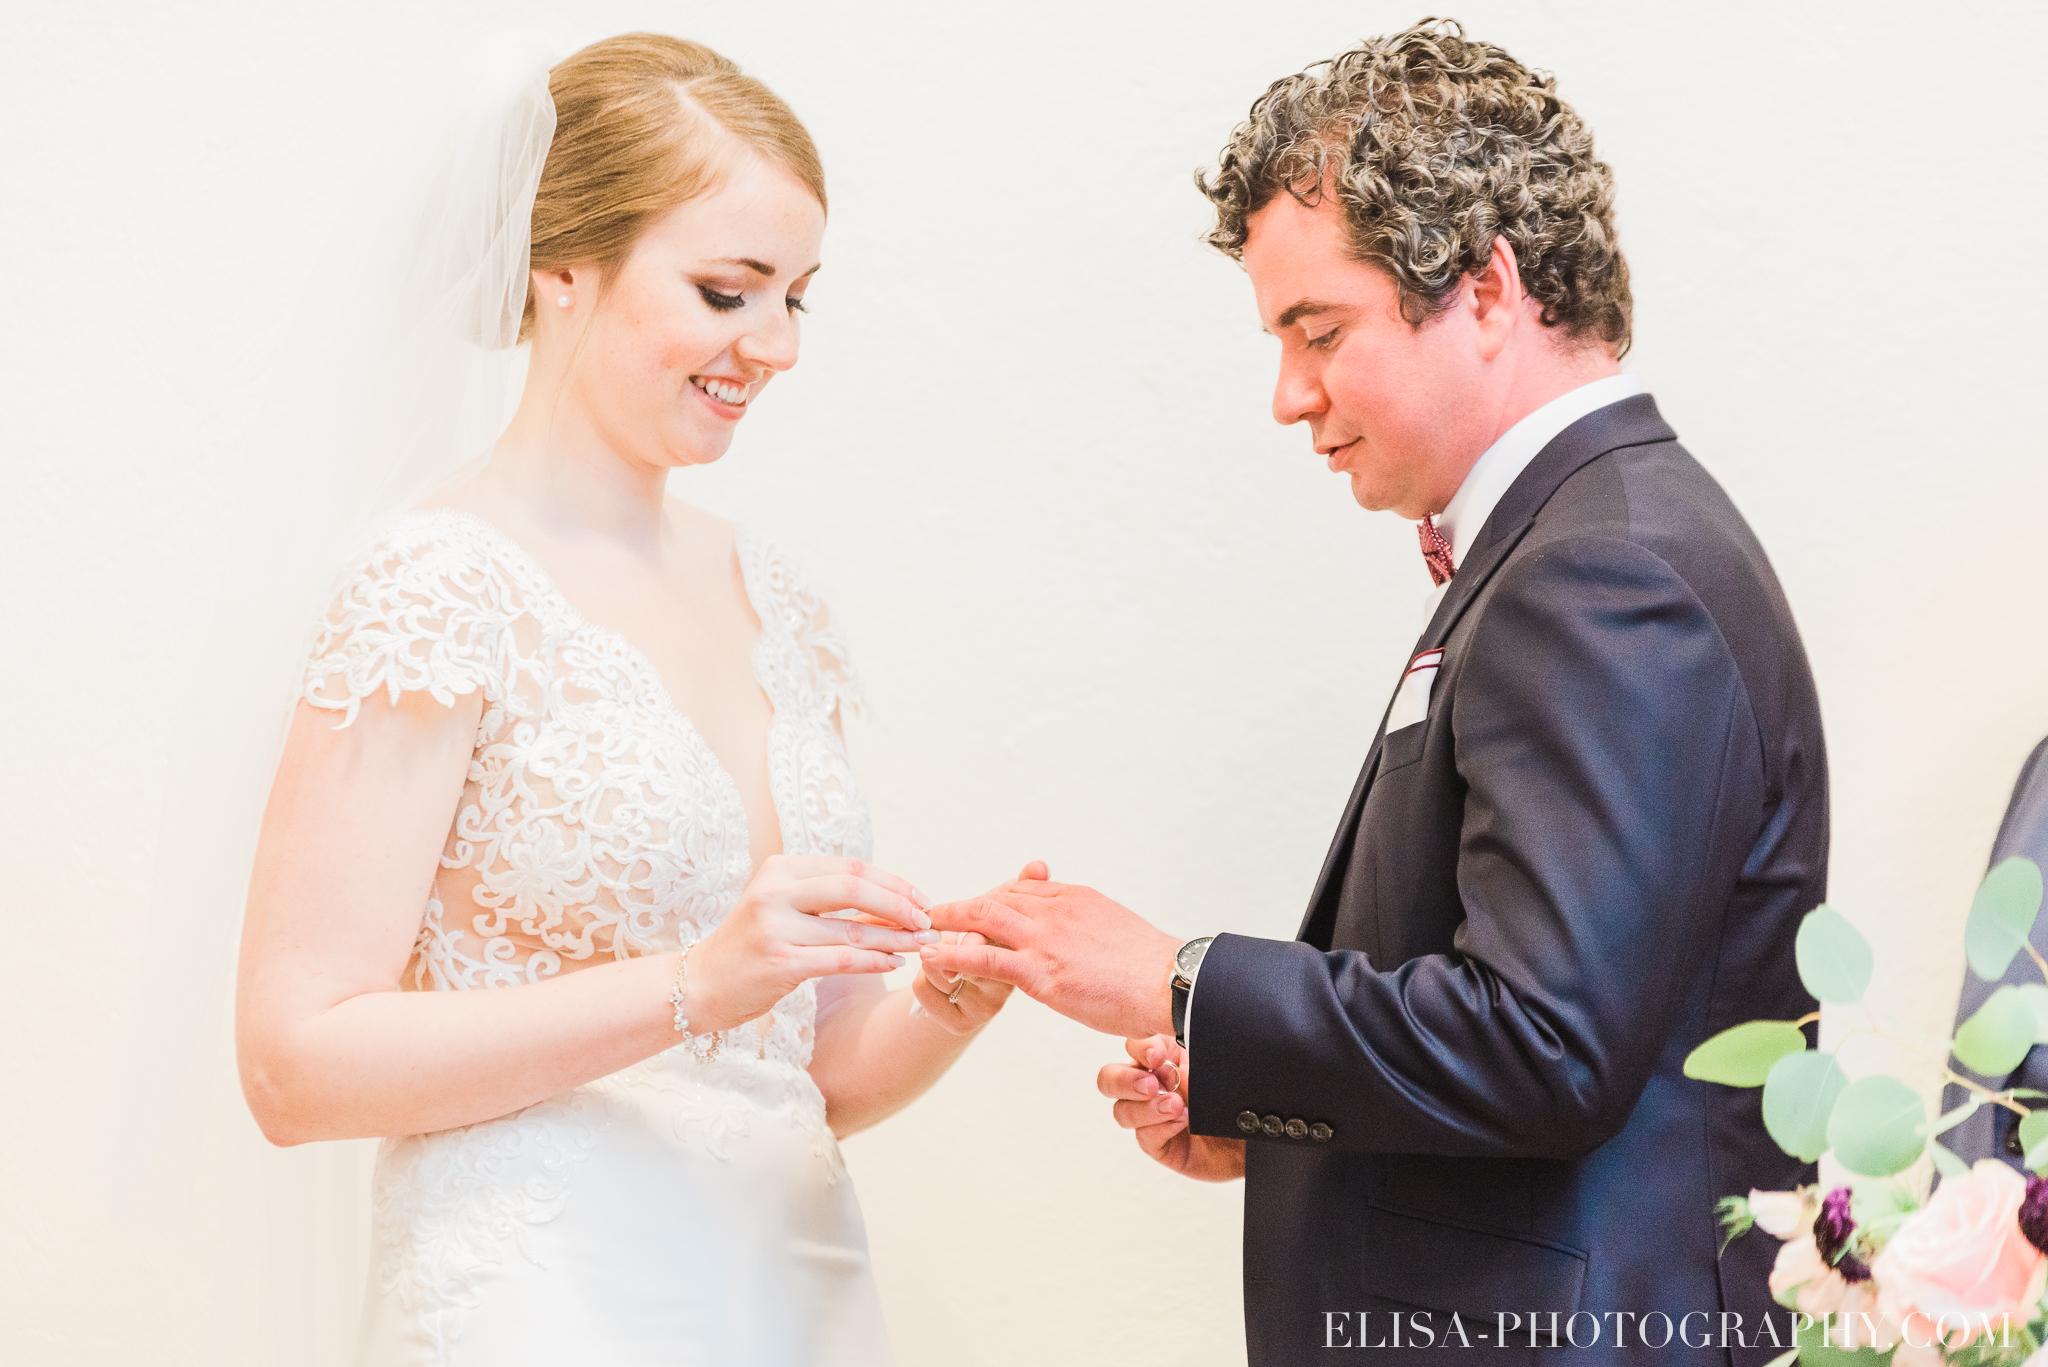 photo mariage ceremonie lifestyle domaine cataraqui pluie atelier peintre 0429 - Mariage élégant et discret au coeur du magnifique Domaine Cataraqui, Québec